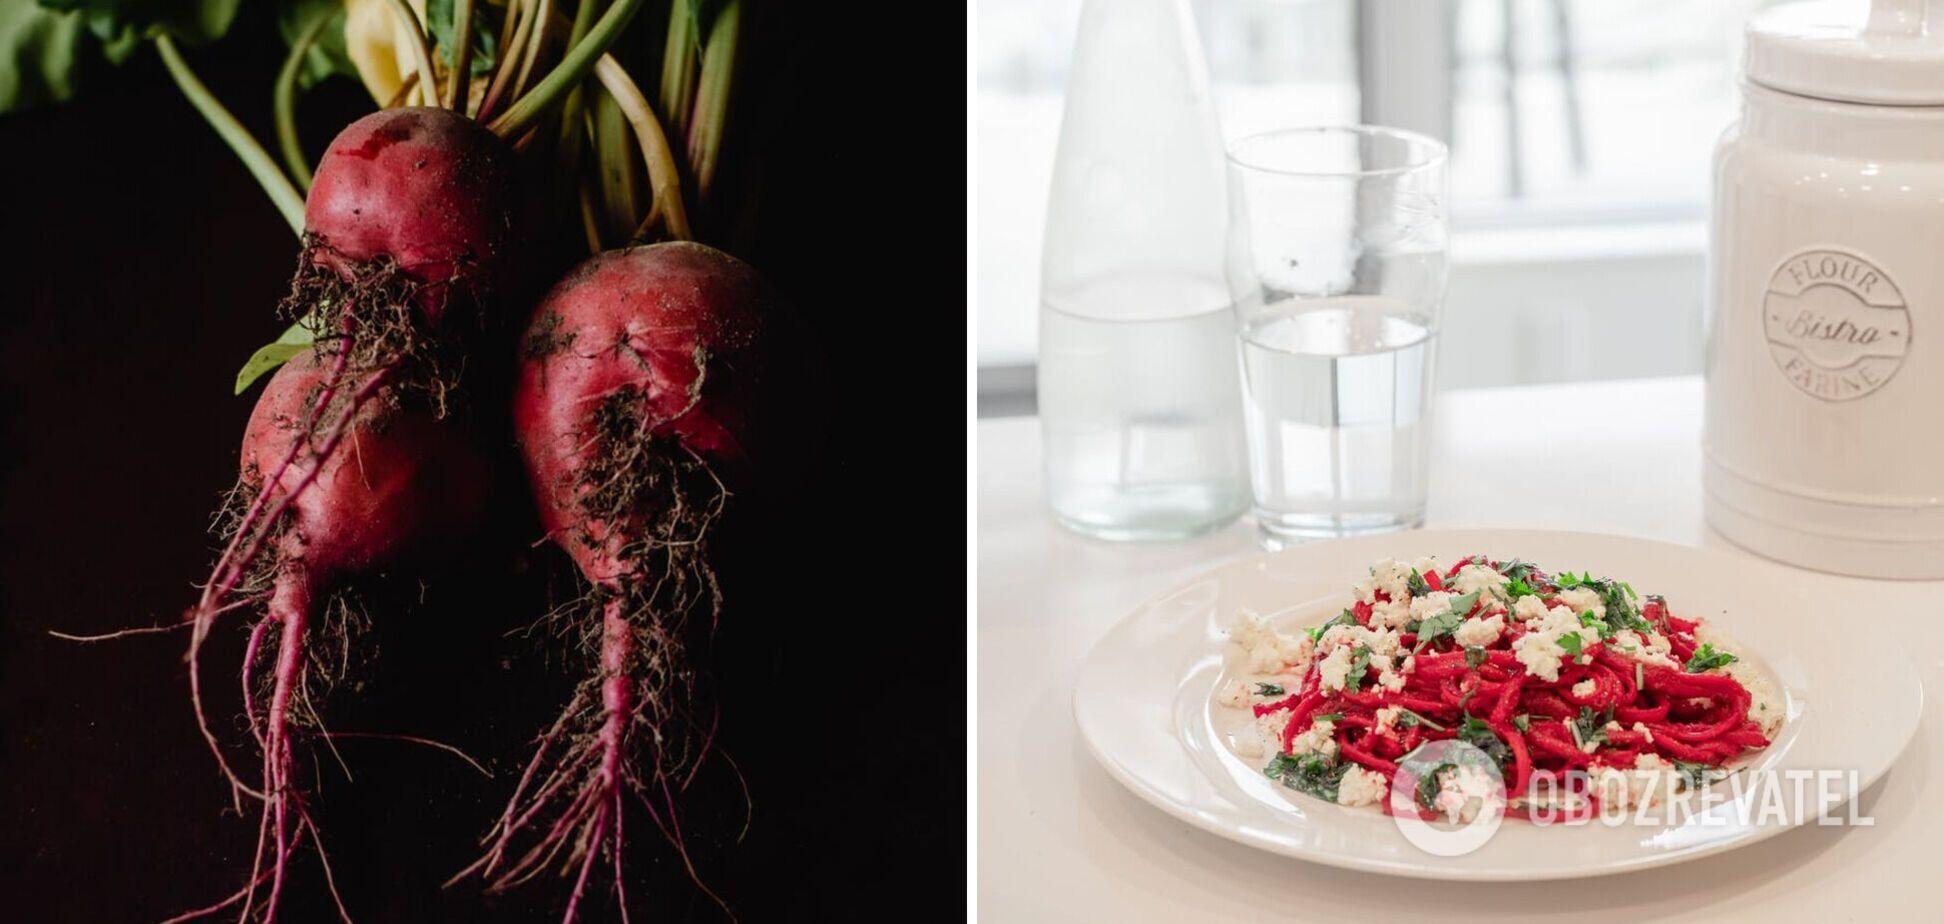 Салат, который может переплюнуть винегрет: как интересно и вкусно приготовить свеклу